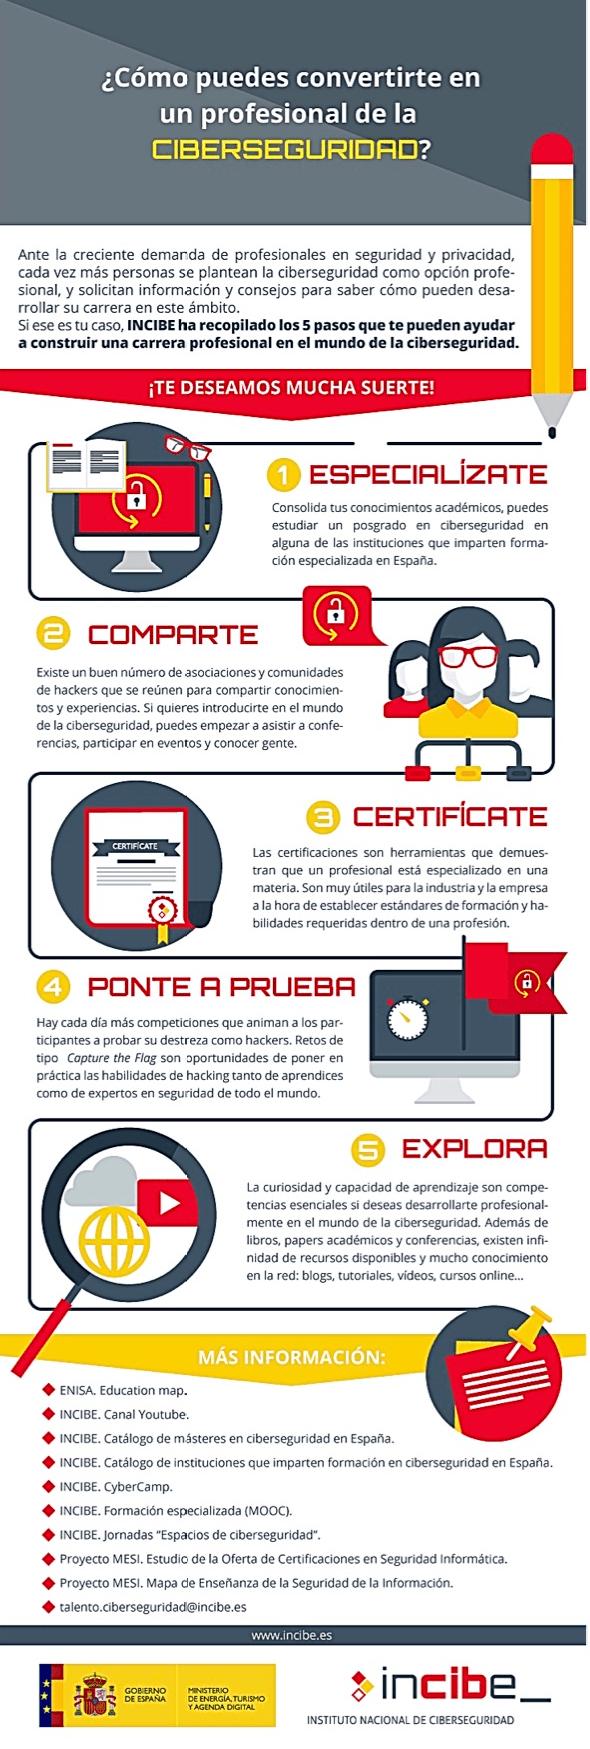 Cómo convertirte en un profesional de la Ciberseguridad #infografia #infographic